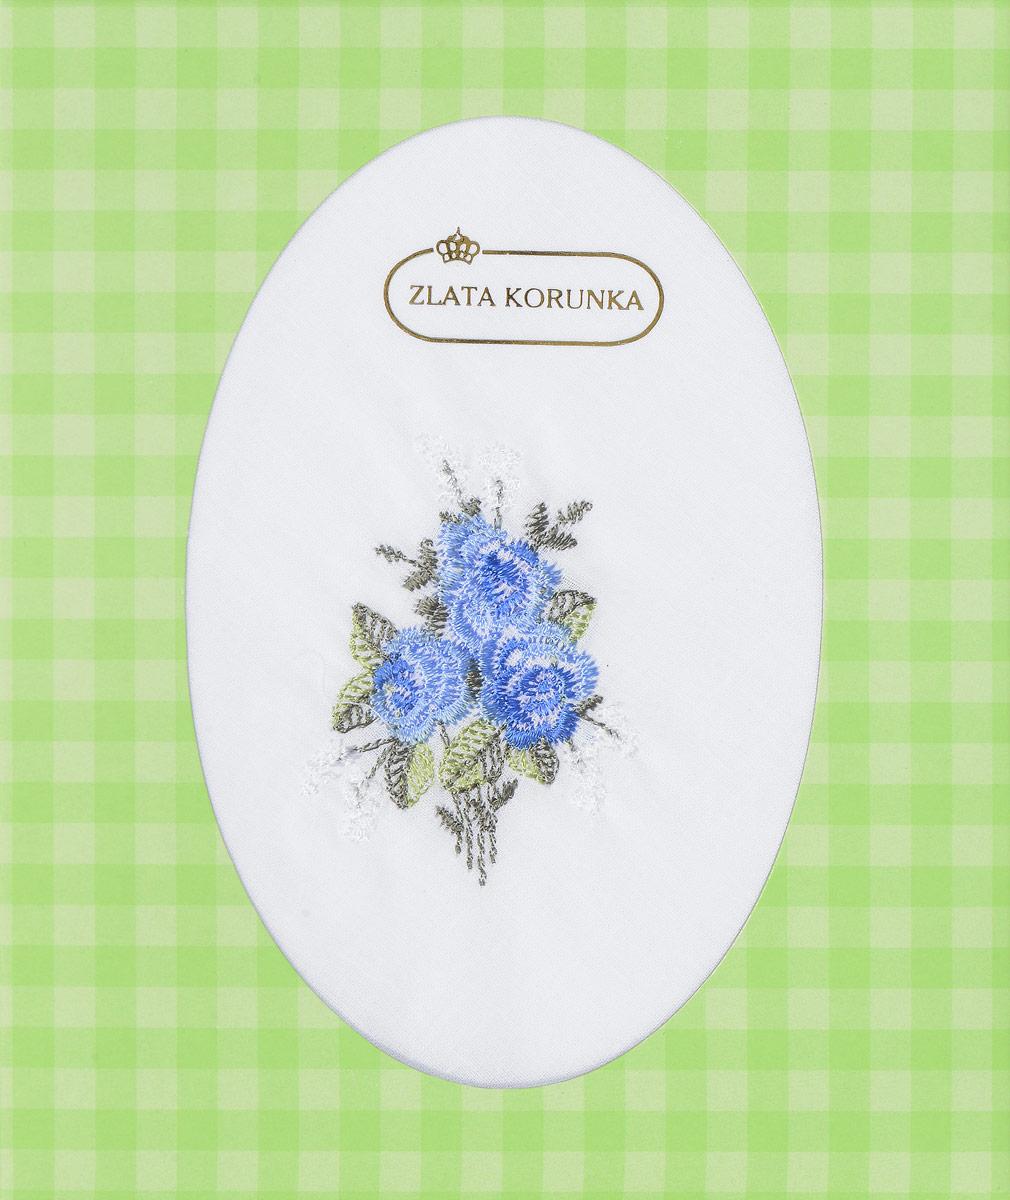 Платок носовой женский Zlata Korunka, цвет: белый, голубой. 40124. Размер 27 х 27 см40124_белый, голубые цветыЖенский носовой платок Zlata Korunka изготовлен из натурального хлопка, приятен в использовании, хорошо стирается, материал не садится и отлично впитывает влагу. Поставляется в фирменной упаковке. В упаковке 1 штука.